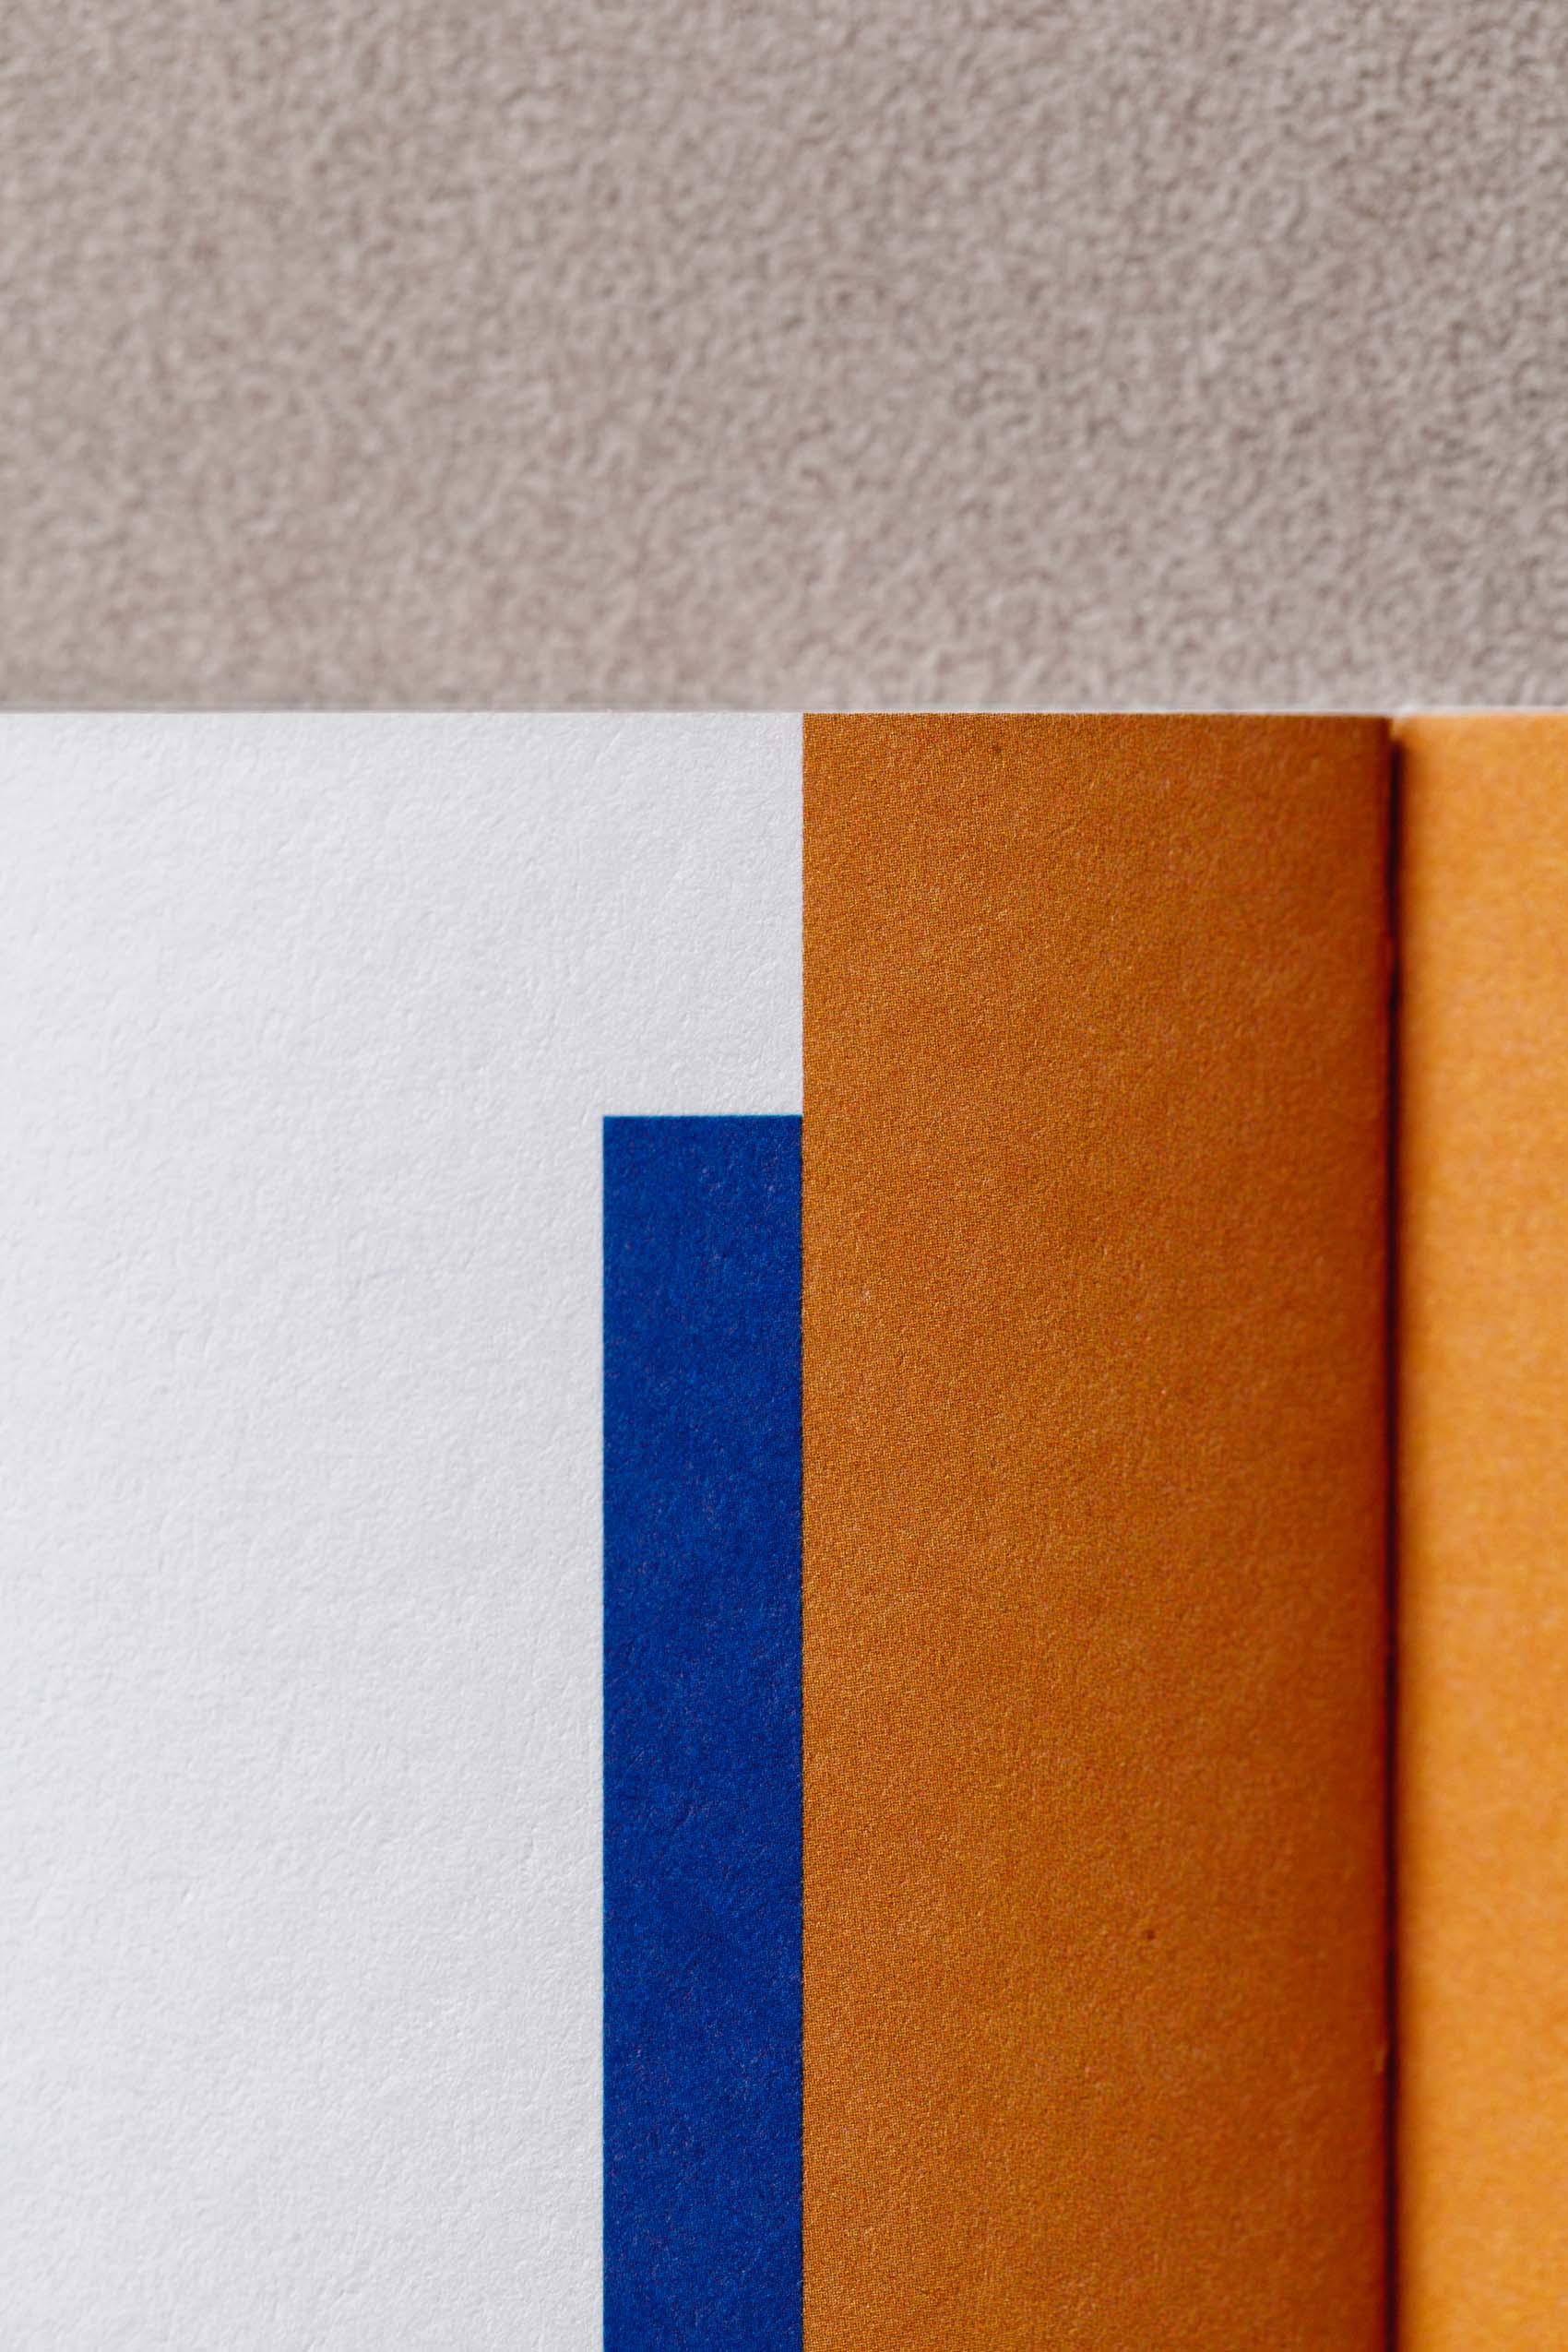 Designdetails im Grafikdesign für Werbe- und Marketinglektorat 3KANDT